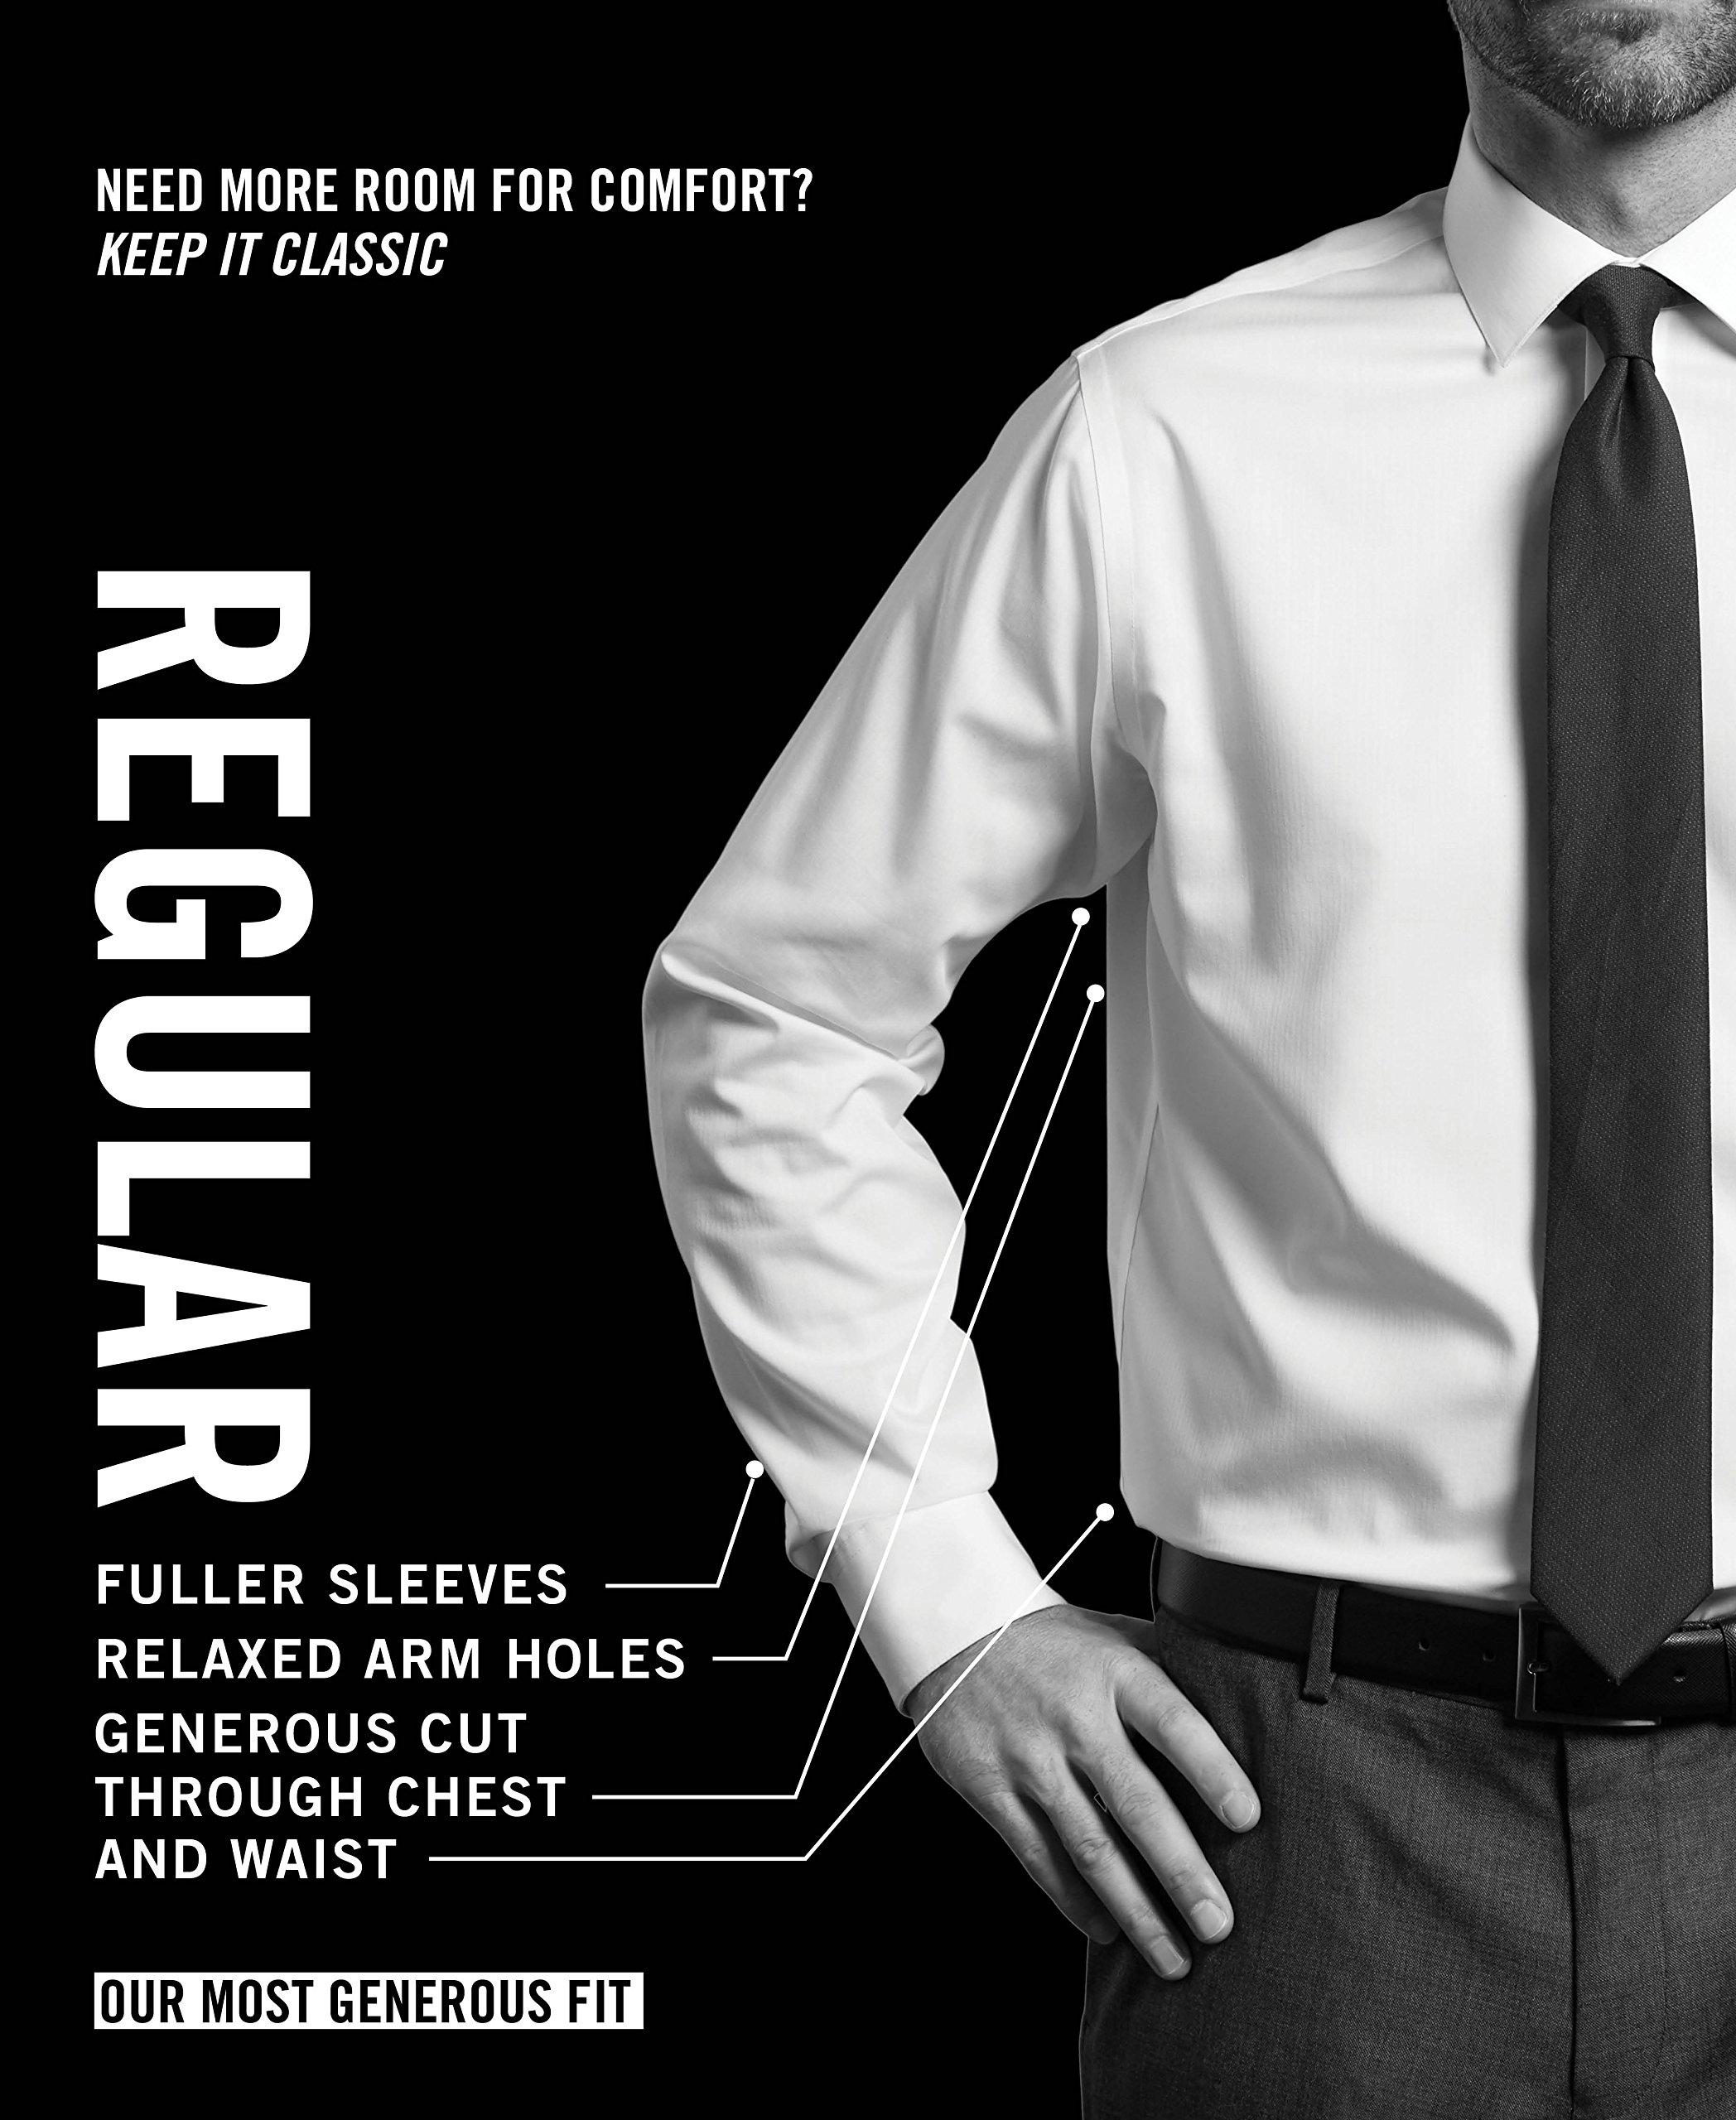 Van Heusen Men's Flex Collar Regular Fit Solid Spread Collar Dress Shirt, White, 16.5'' Neck 32''-33'' Sleeve by Van Heusen (Image #7)